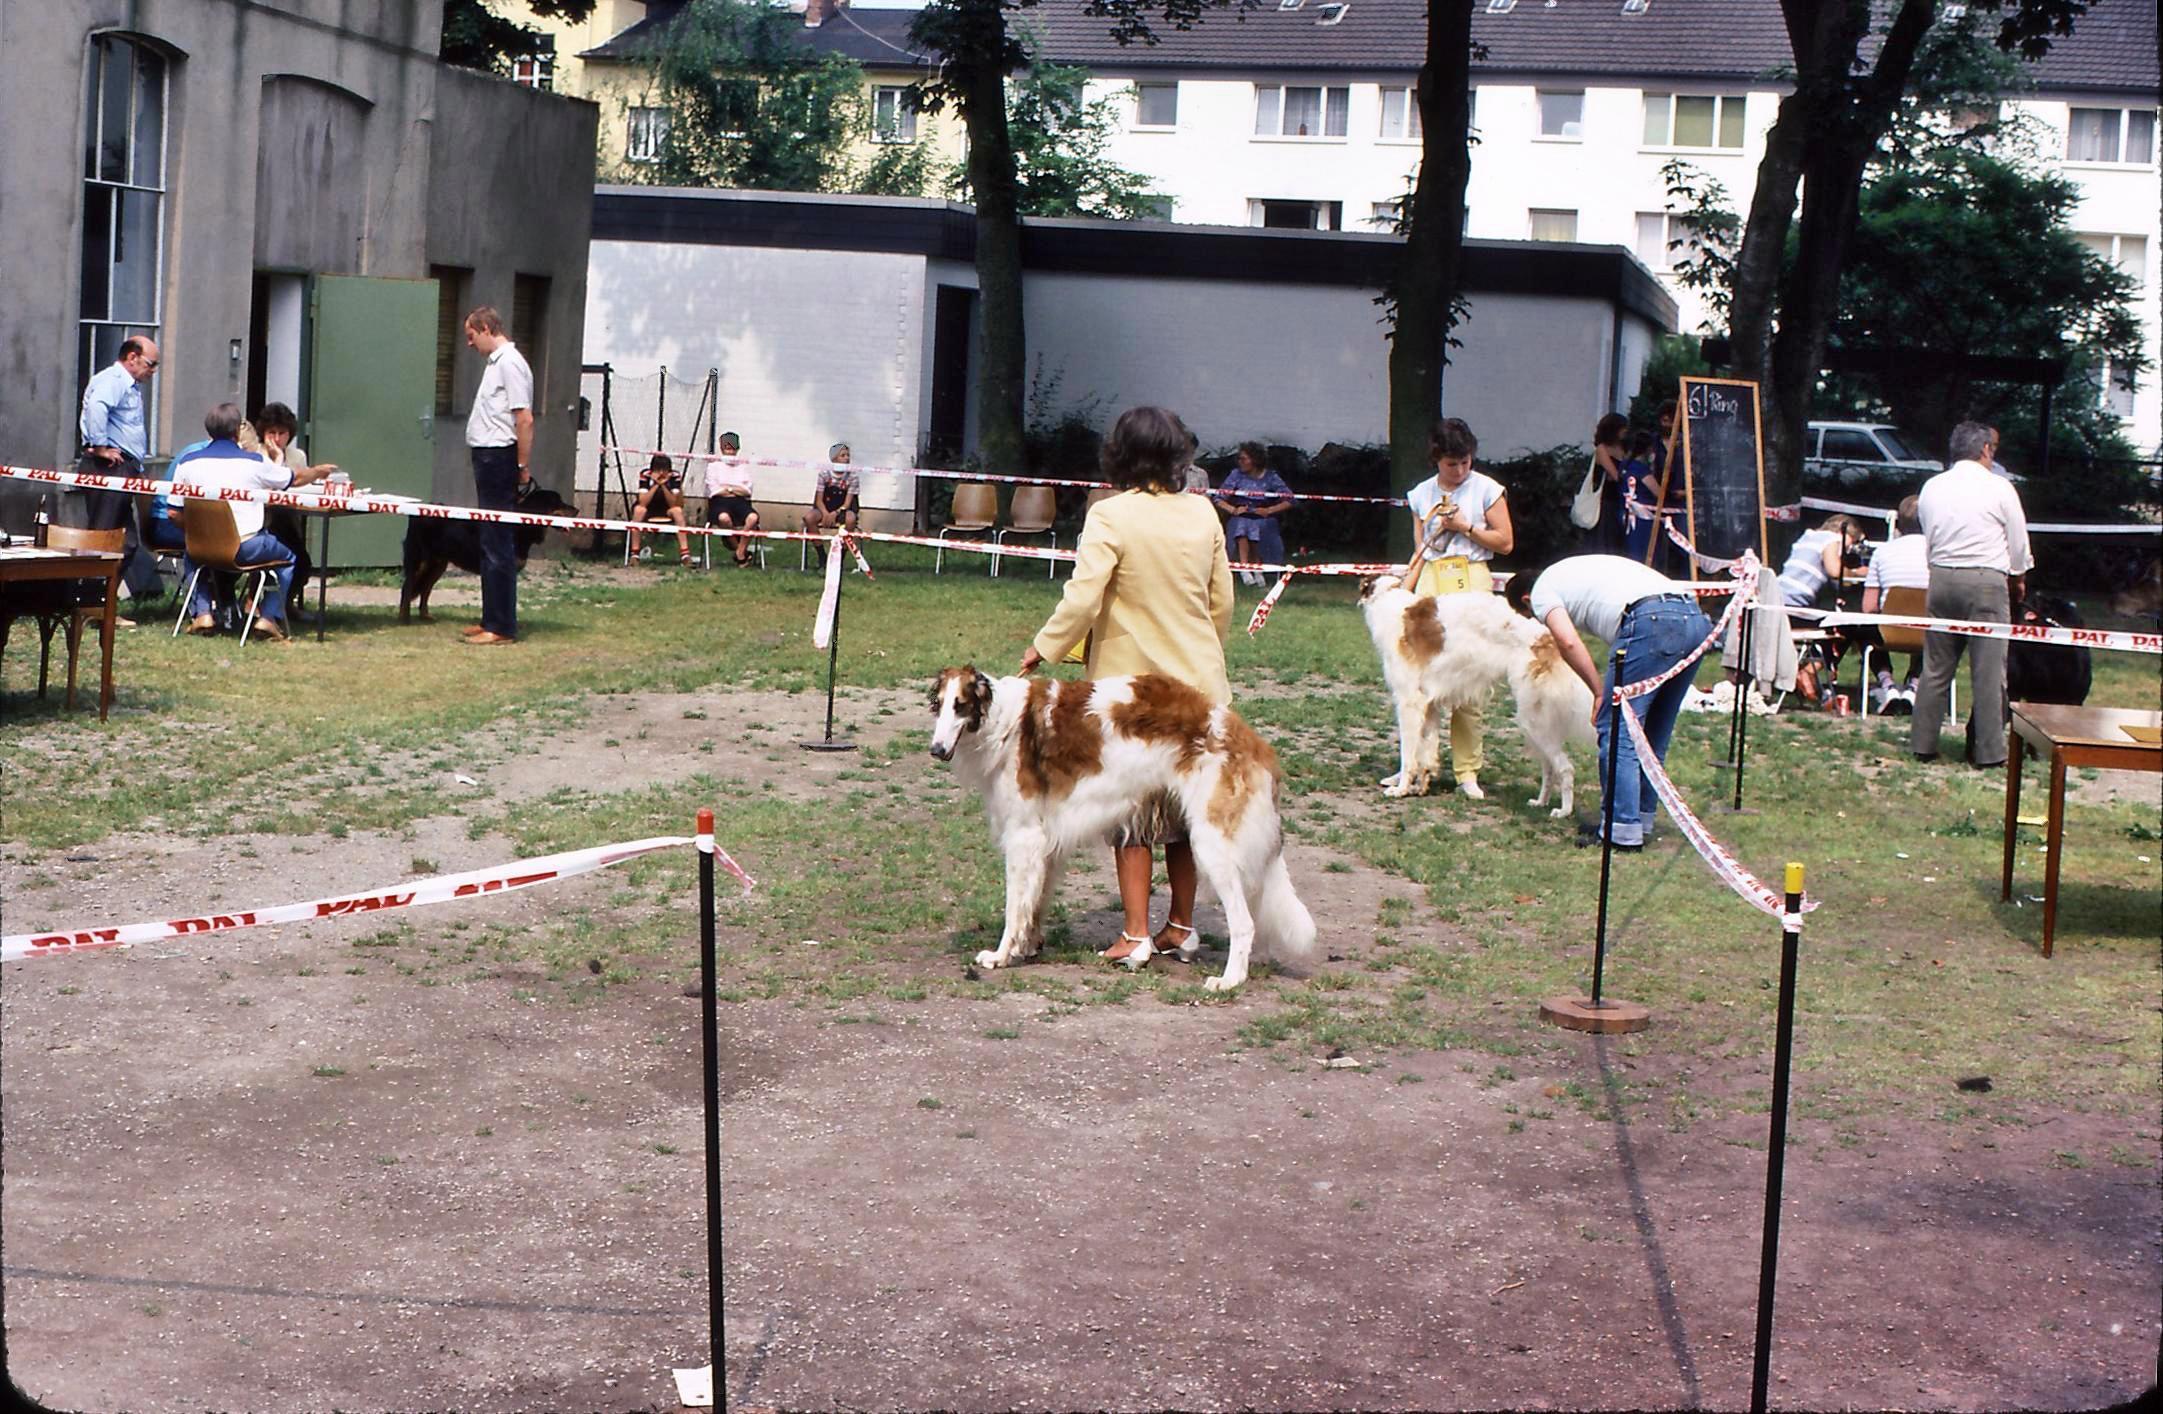 Dog-Show-3.jpeg